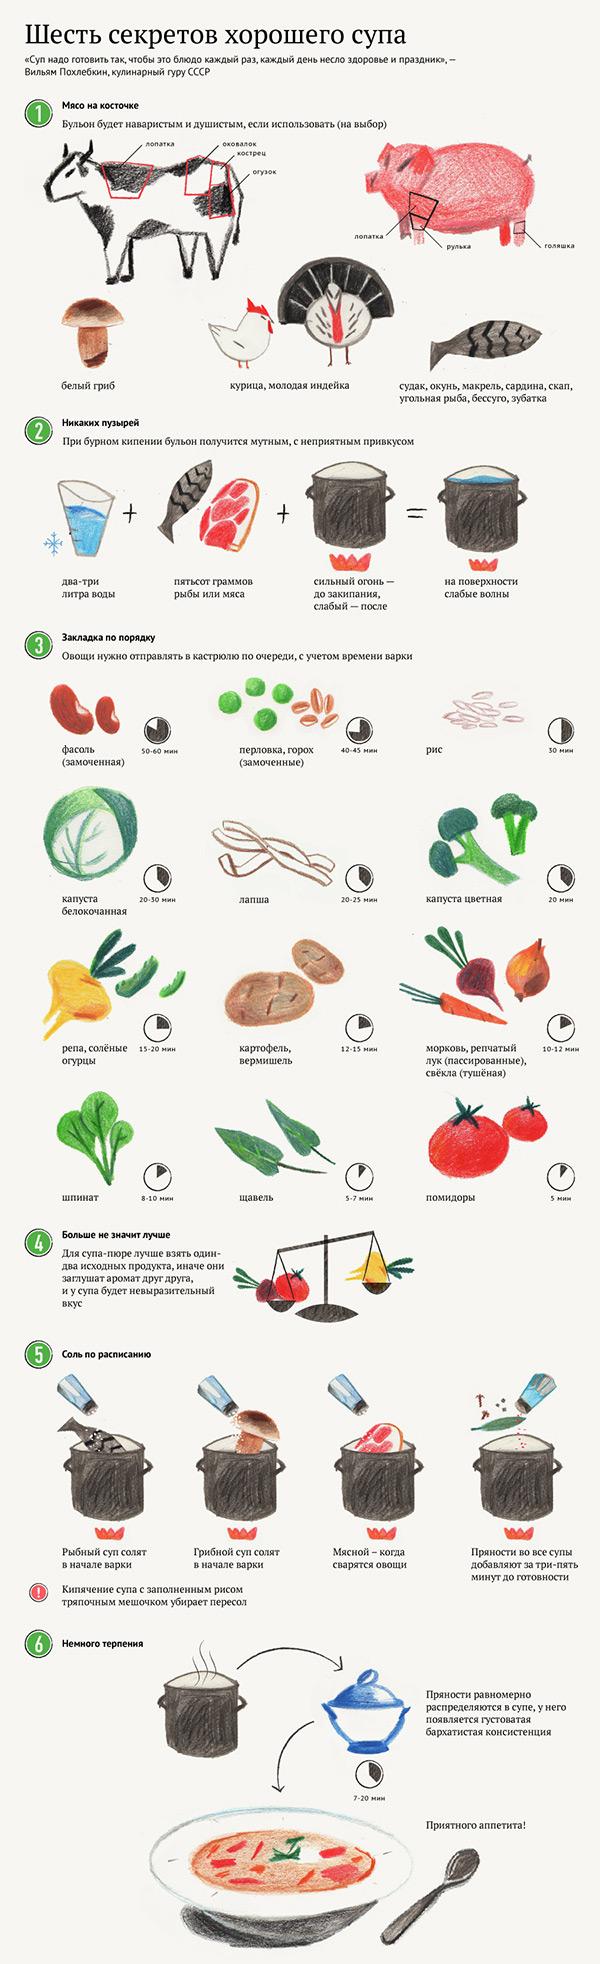 Рецепт вкусной солянки в домашних условиях Домашних 34